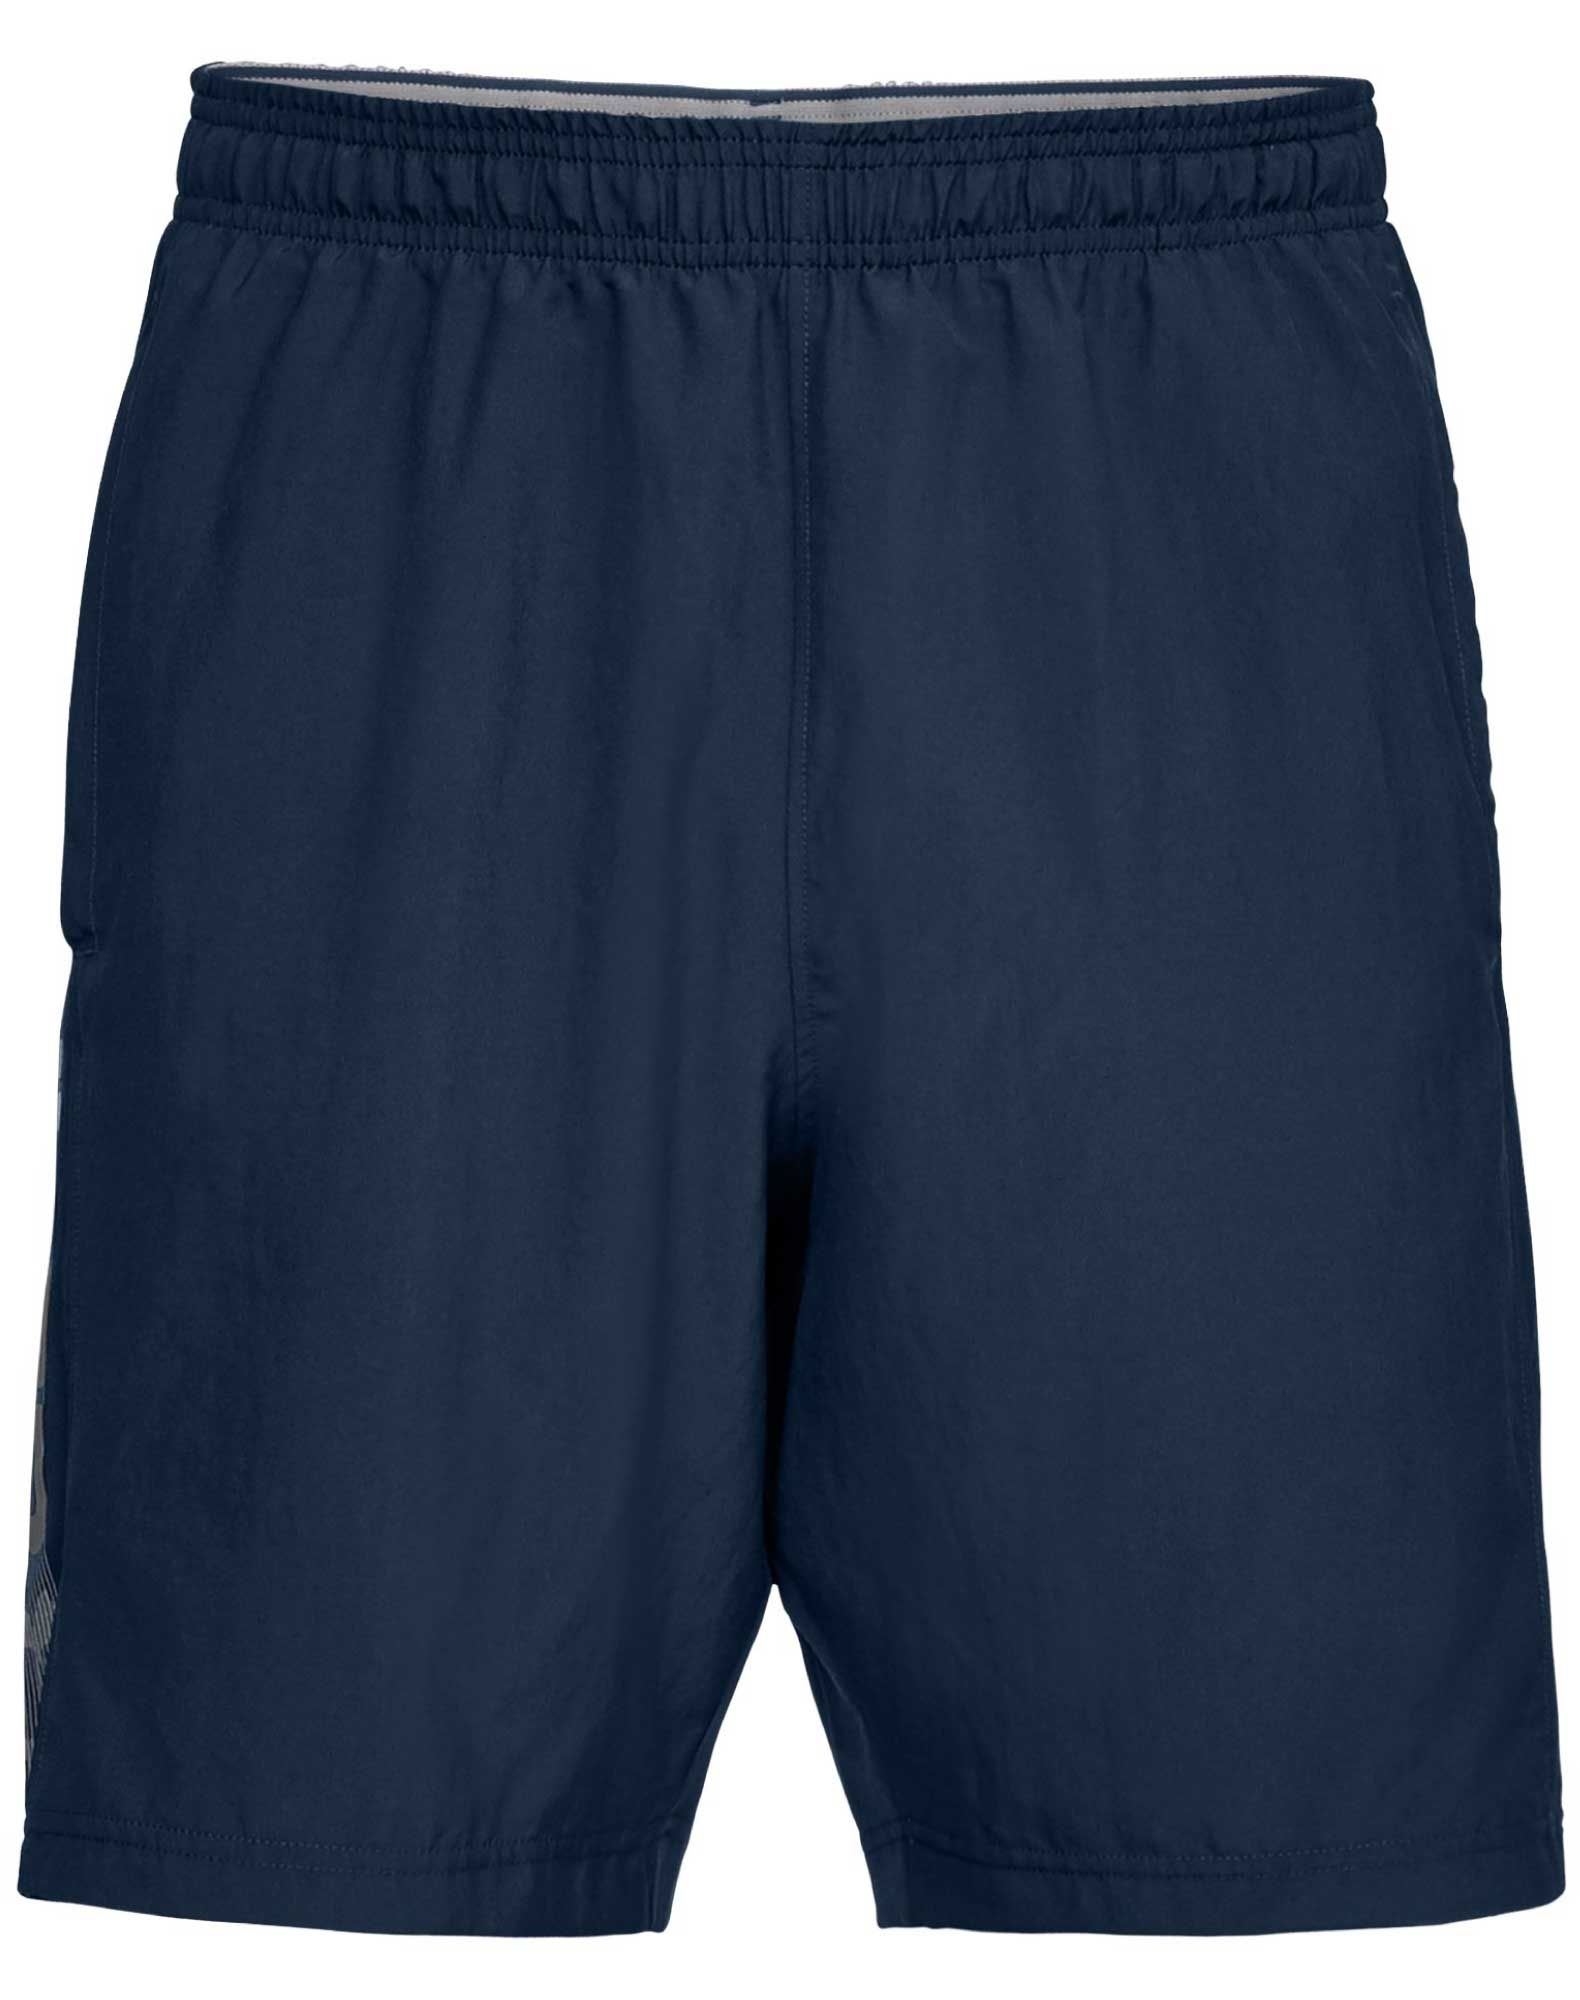 f91d13d3 Køb Shorts Under Armour Woven Graphic i Blå til Herre